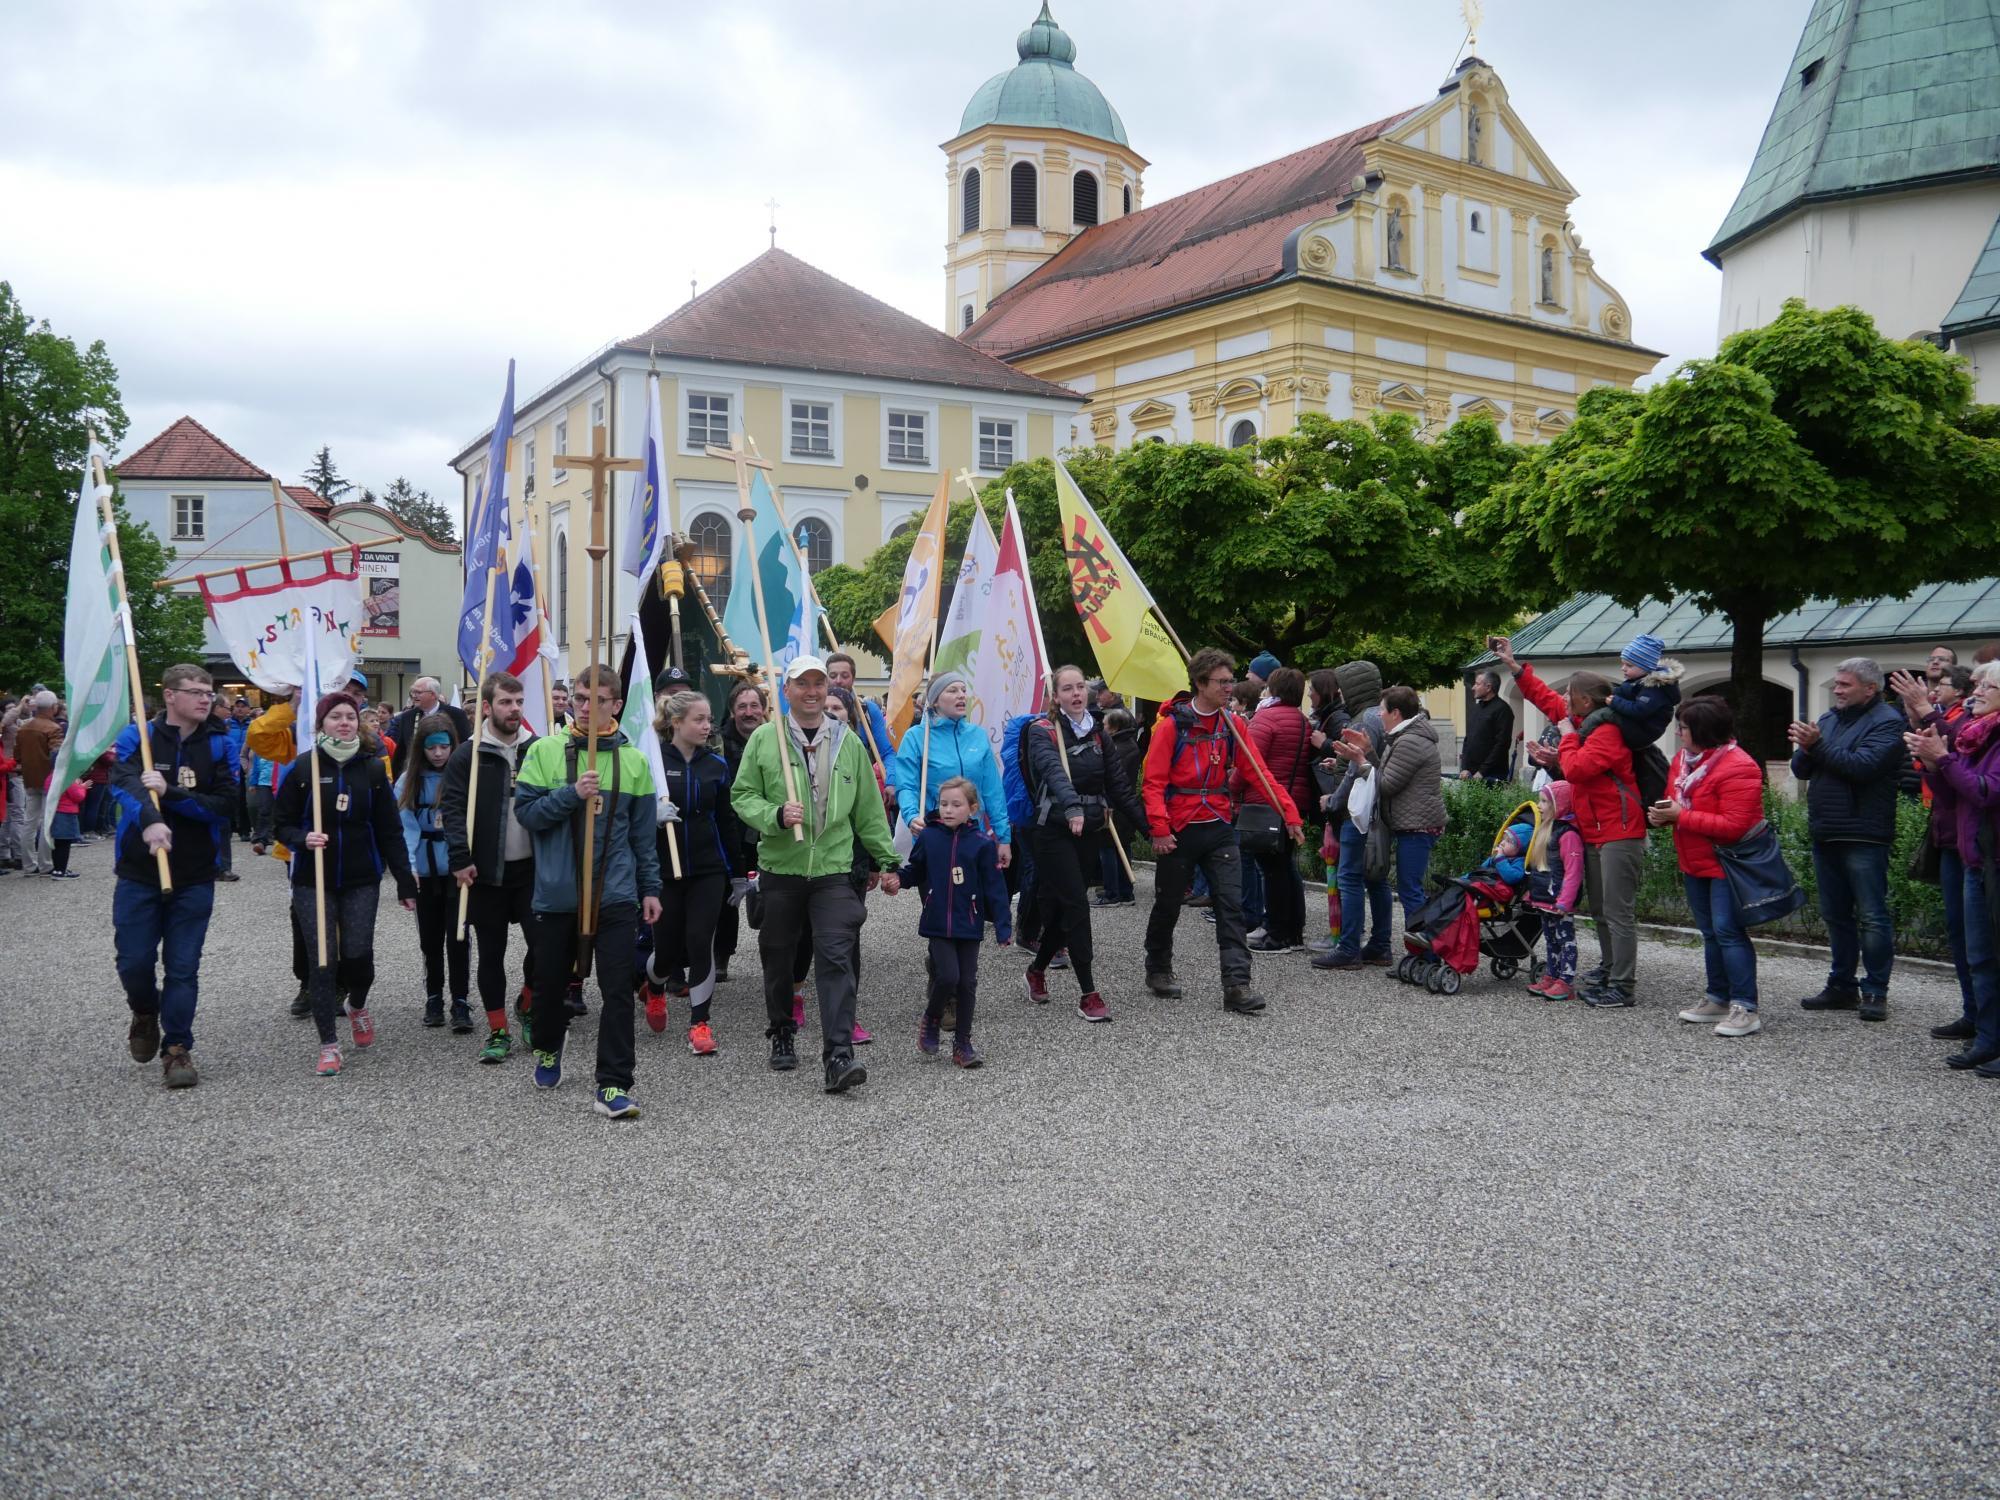 190504_Jugendfusswallfahrt_2019-1